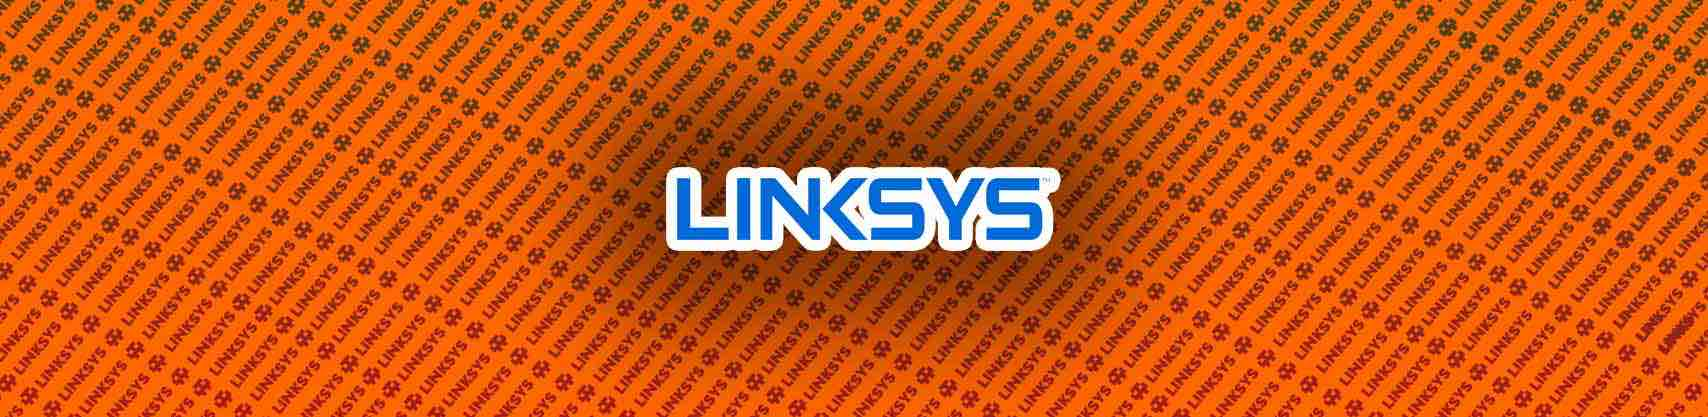 Linksys AC1900 Manual